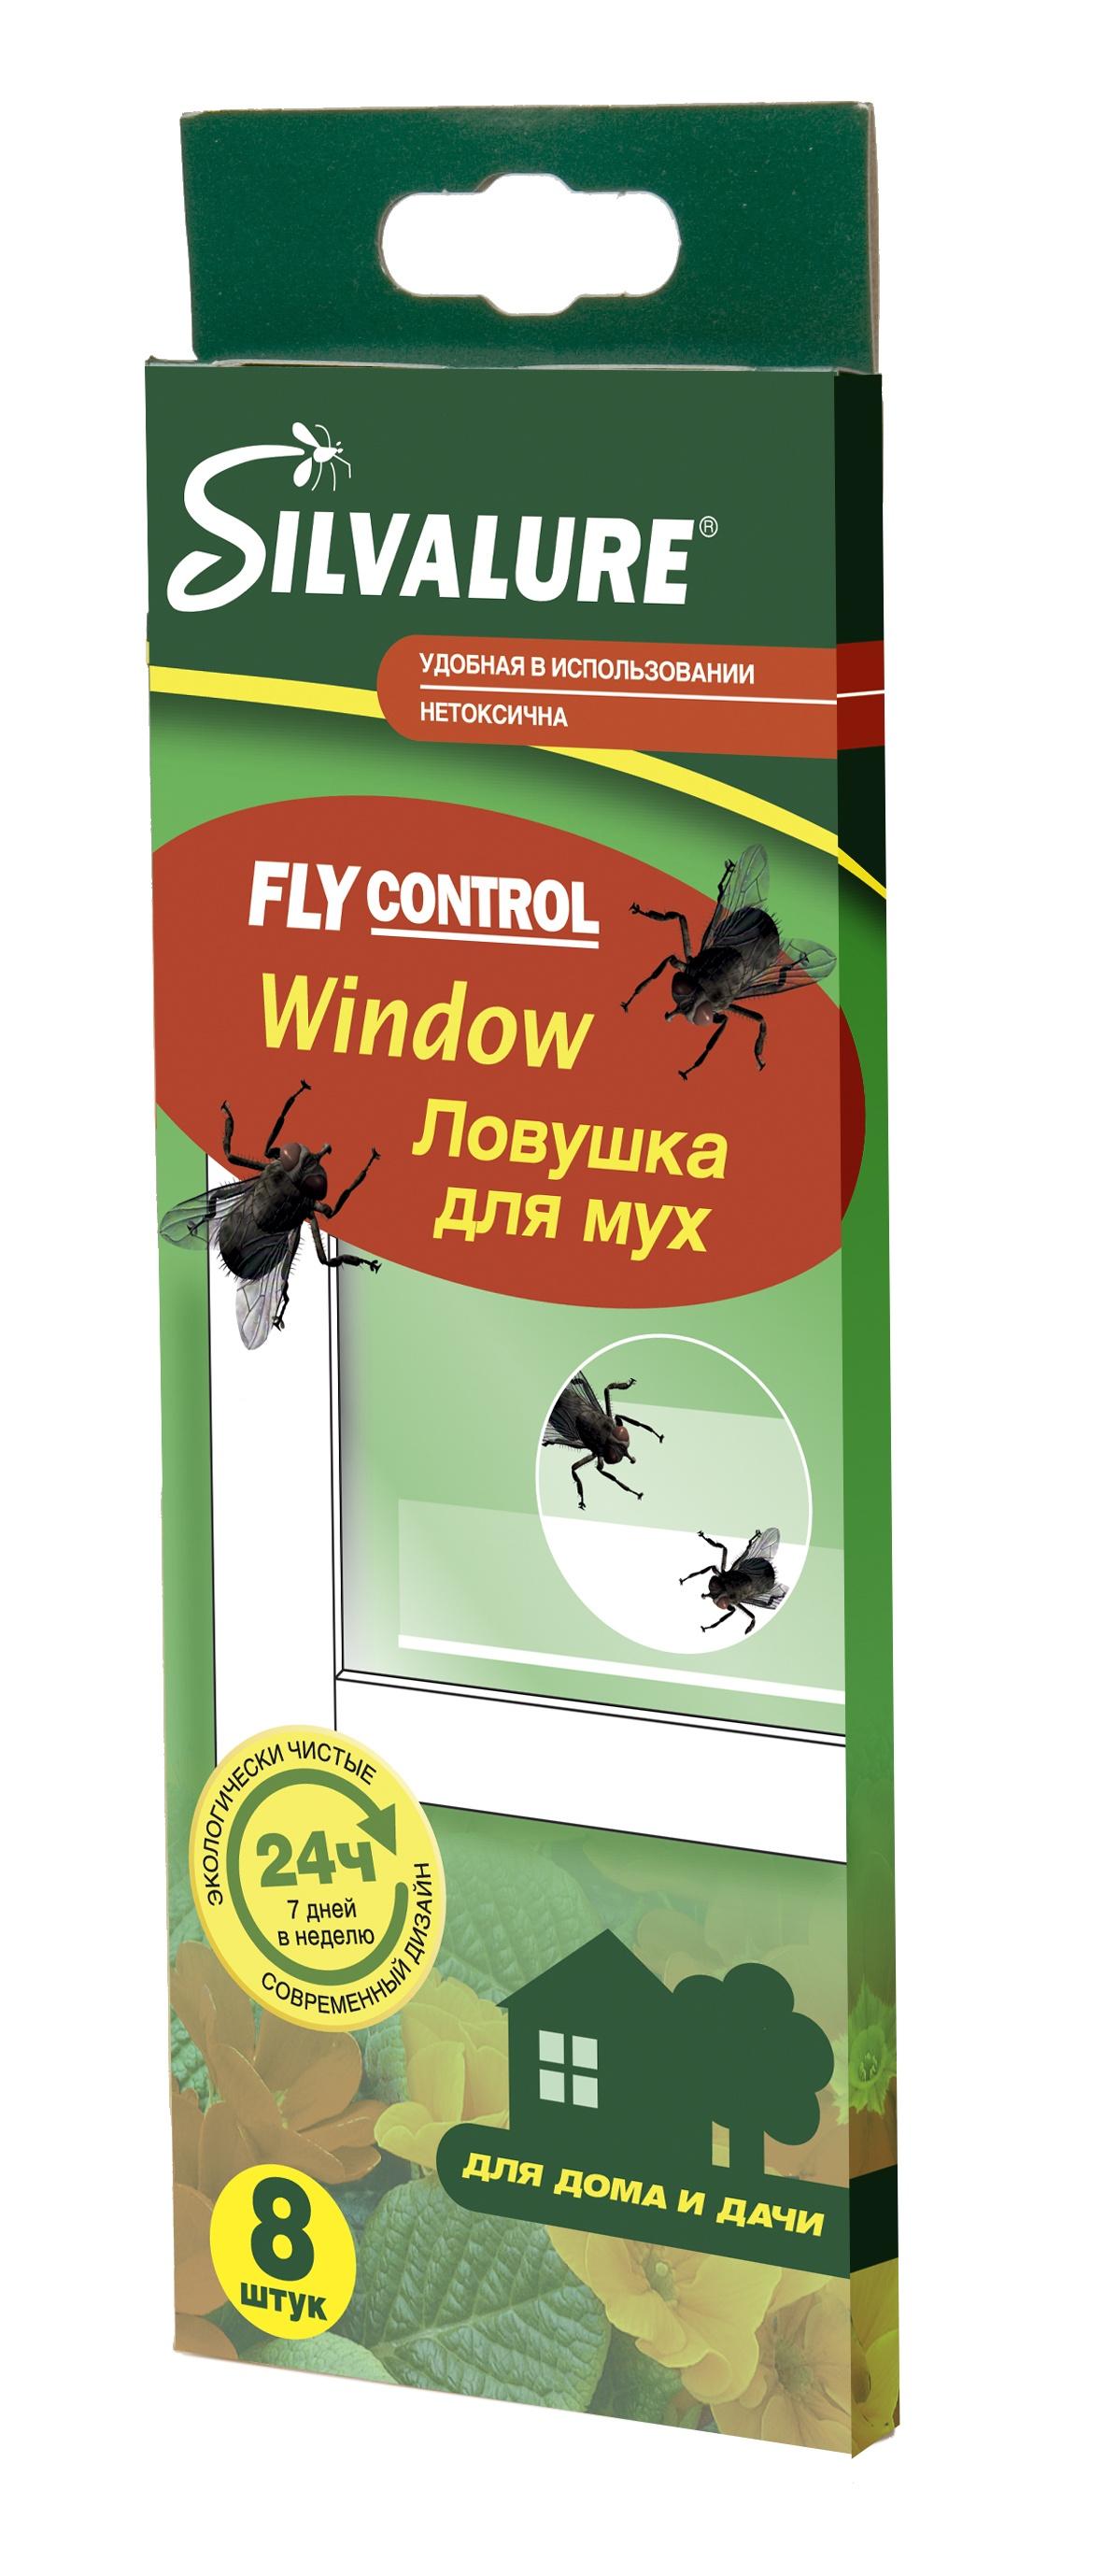 Лента от мух Silvalure. Клеевая ловушка от мух Window 8 штук ловушка от мух и насекомых nadzor